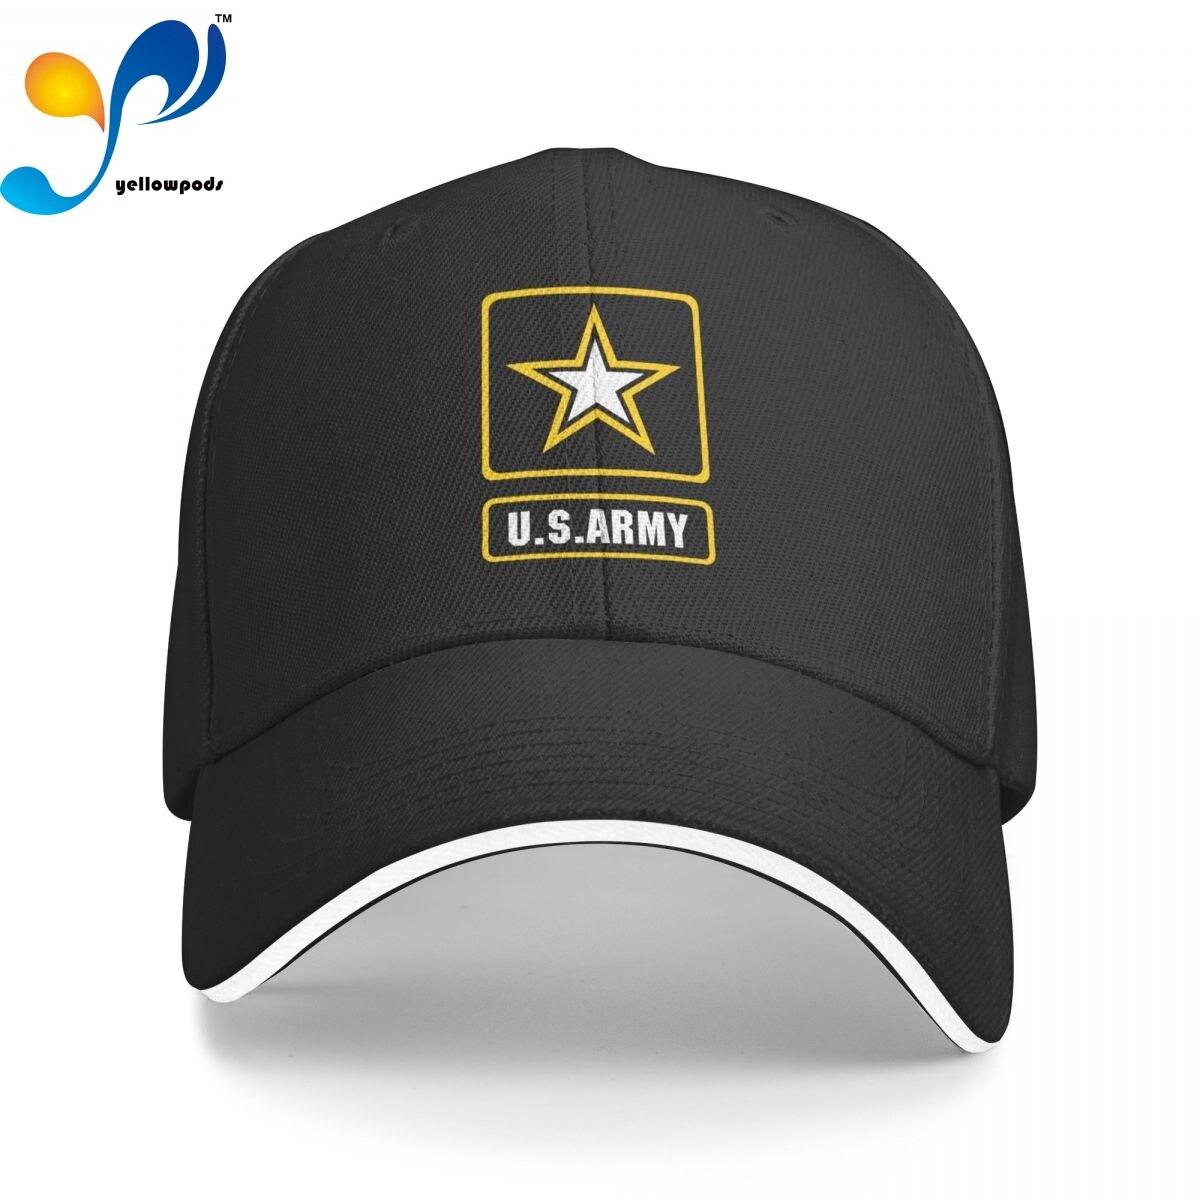 Бейсболка мужская с логотипом армии США, модные кепки с логотипом, Asquette Homme, шапка для папы, Кепка для грузовика